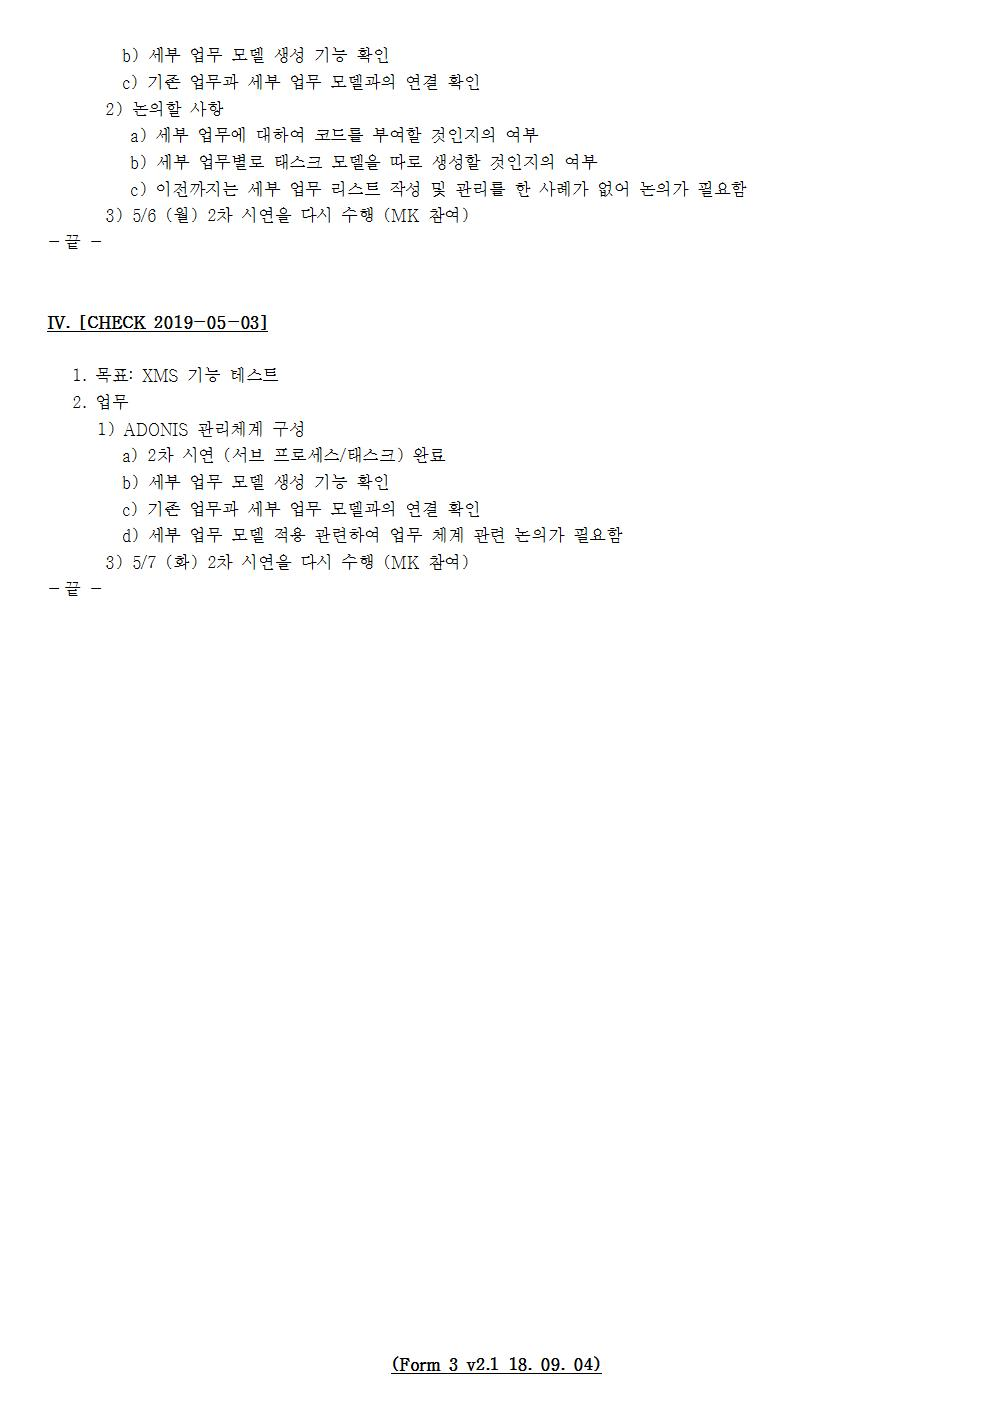 D-[19-027-RC-05]-[XMS]-[2019-05-03][YB]002.jpg